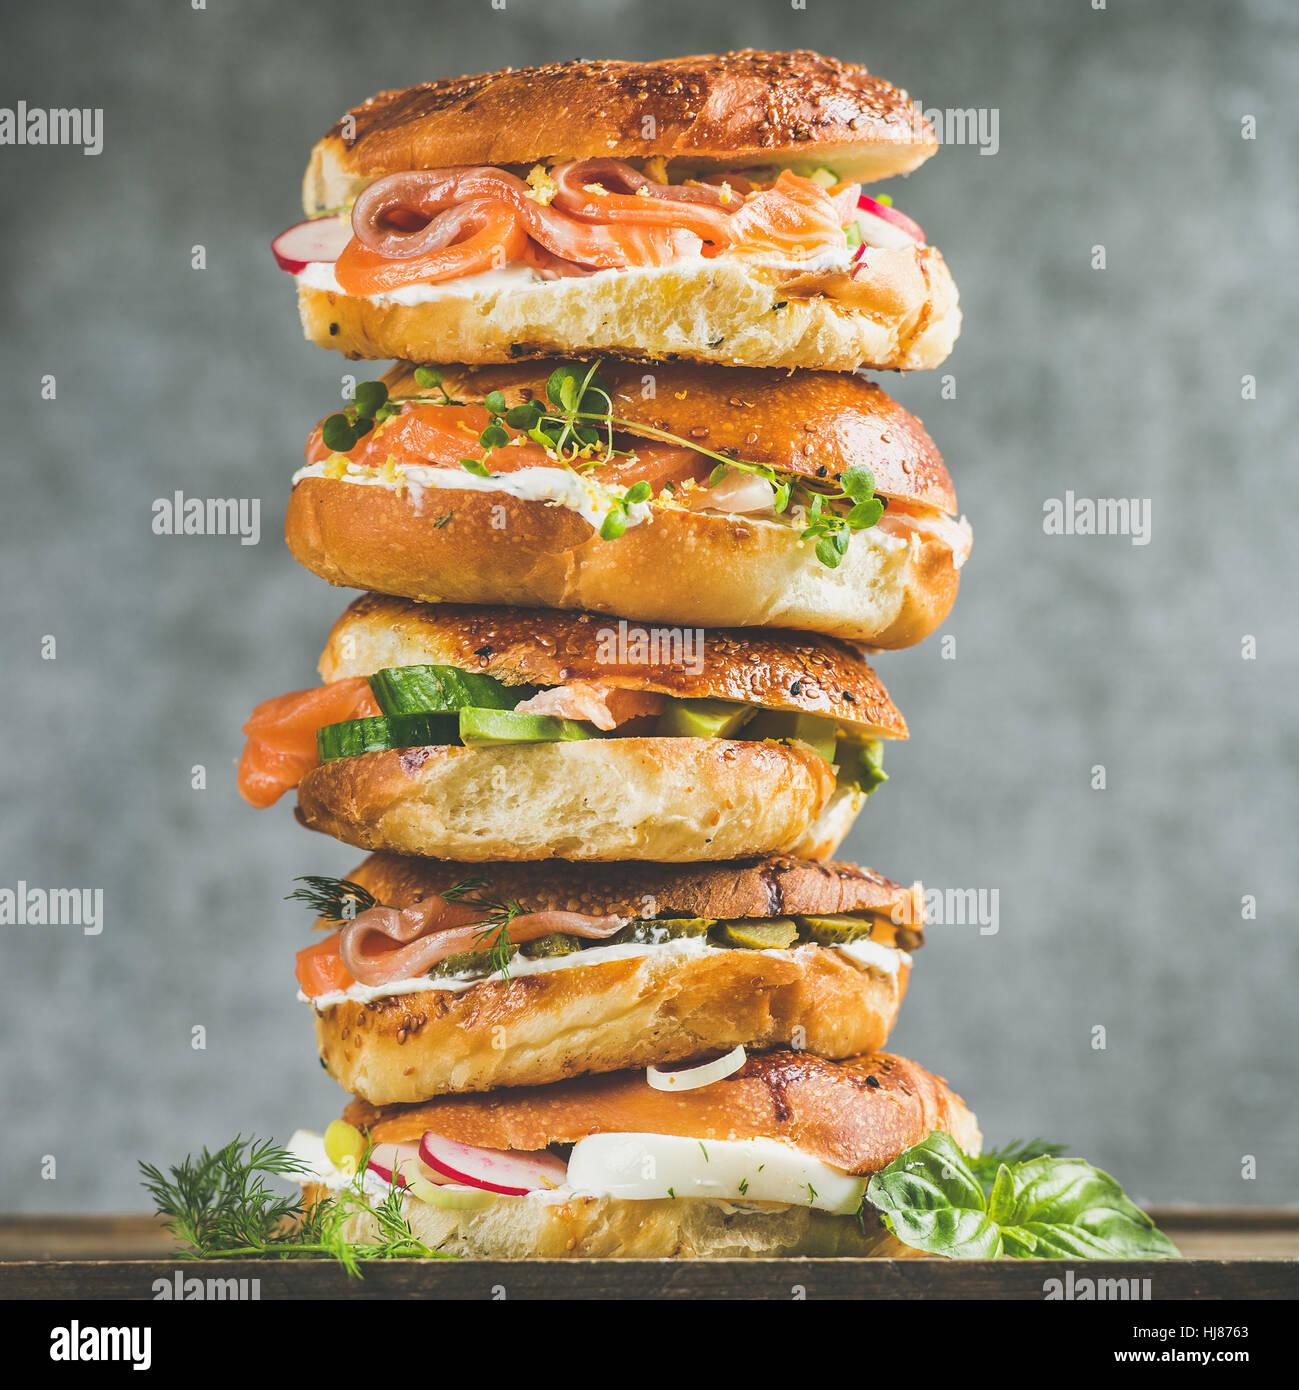 Cerca del montón de Bagels con salmón ahumado, huevos, verduras, queso crema Imagen De Stock